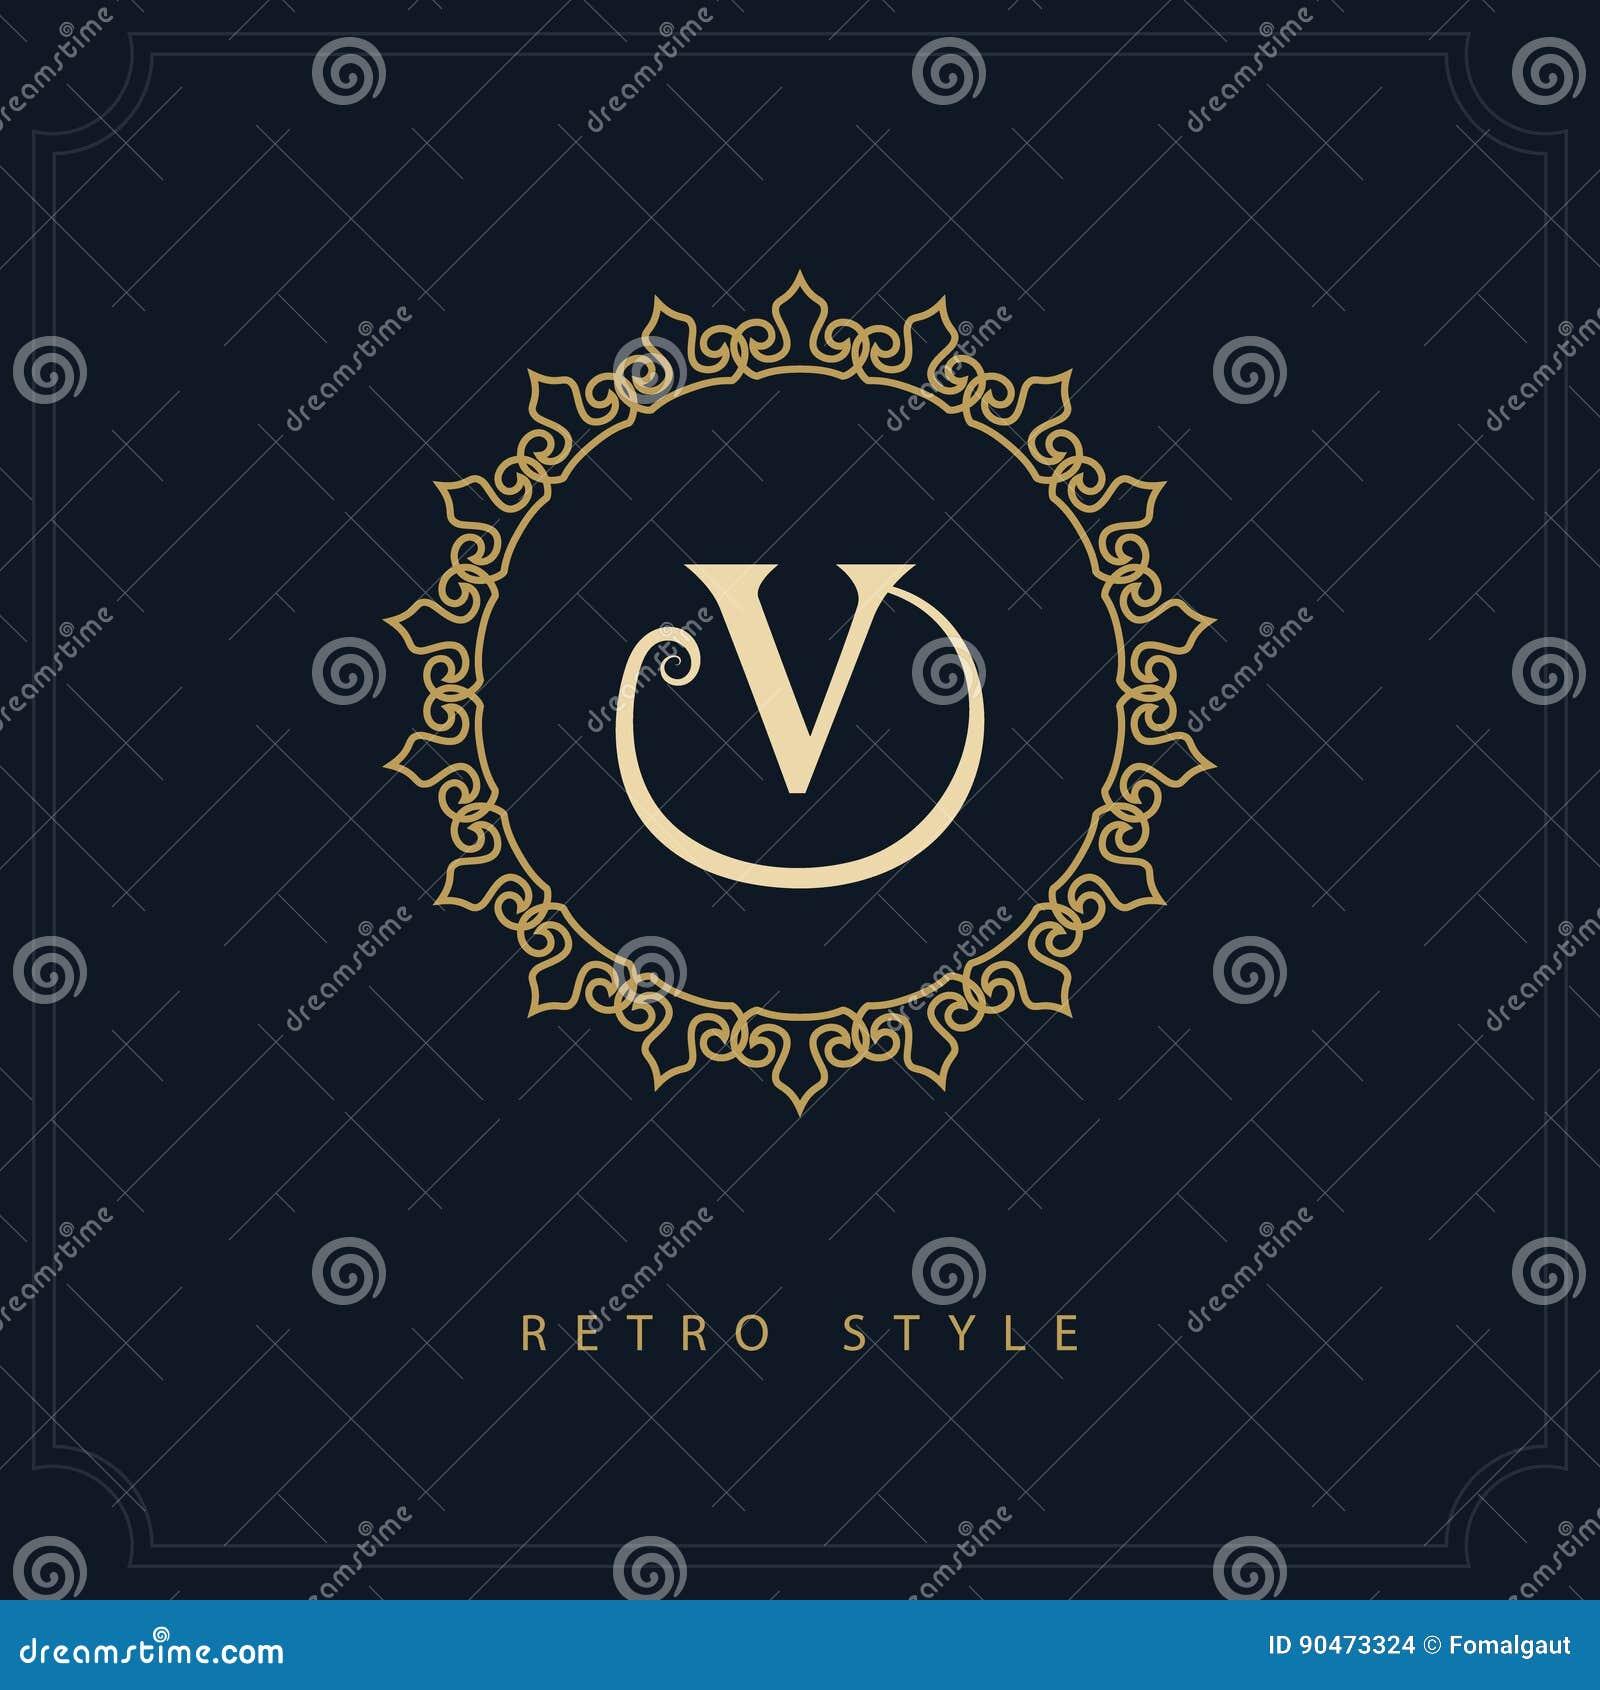 modern logo design geometric initial monogram template letter